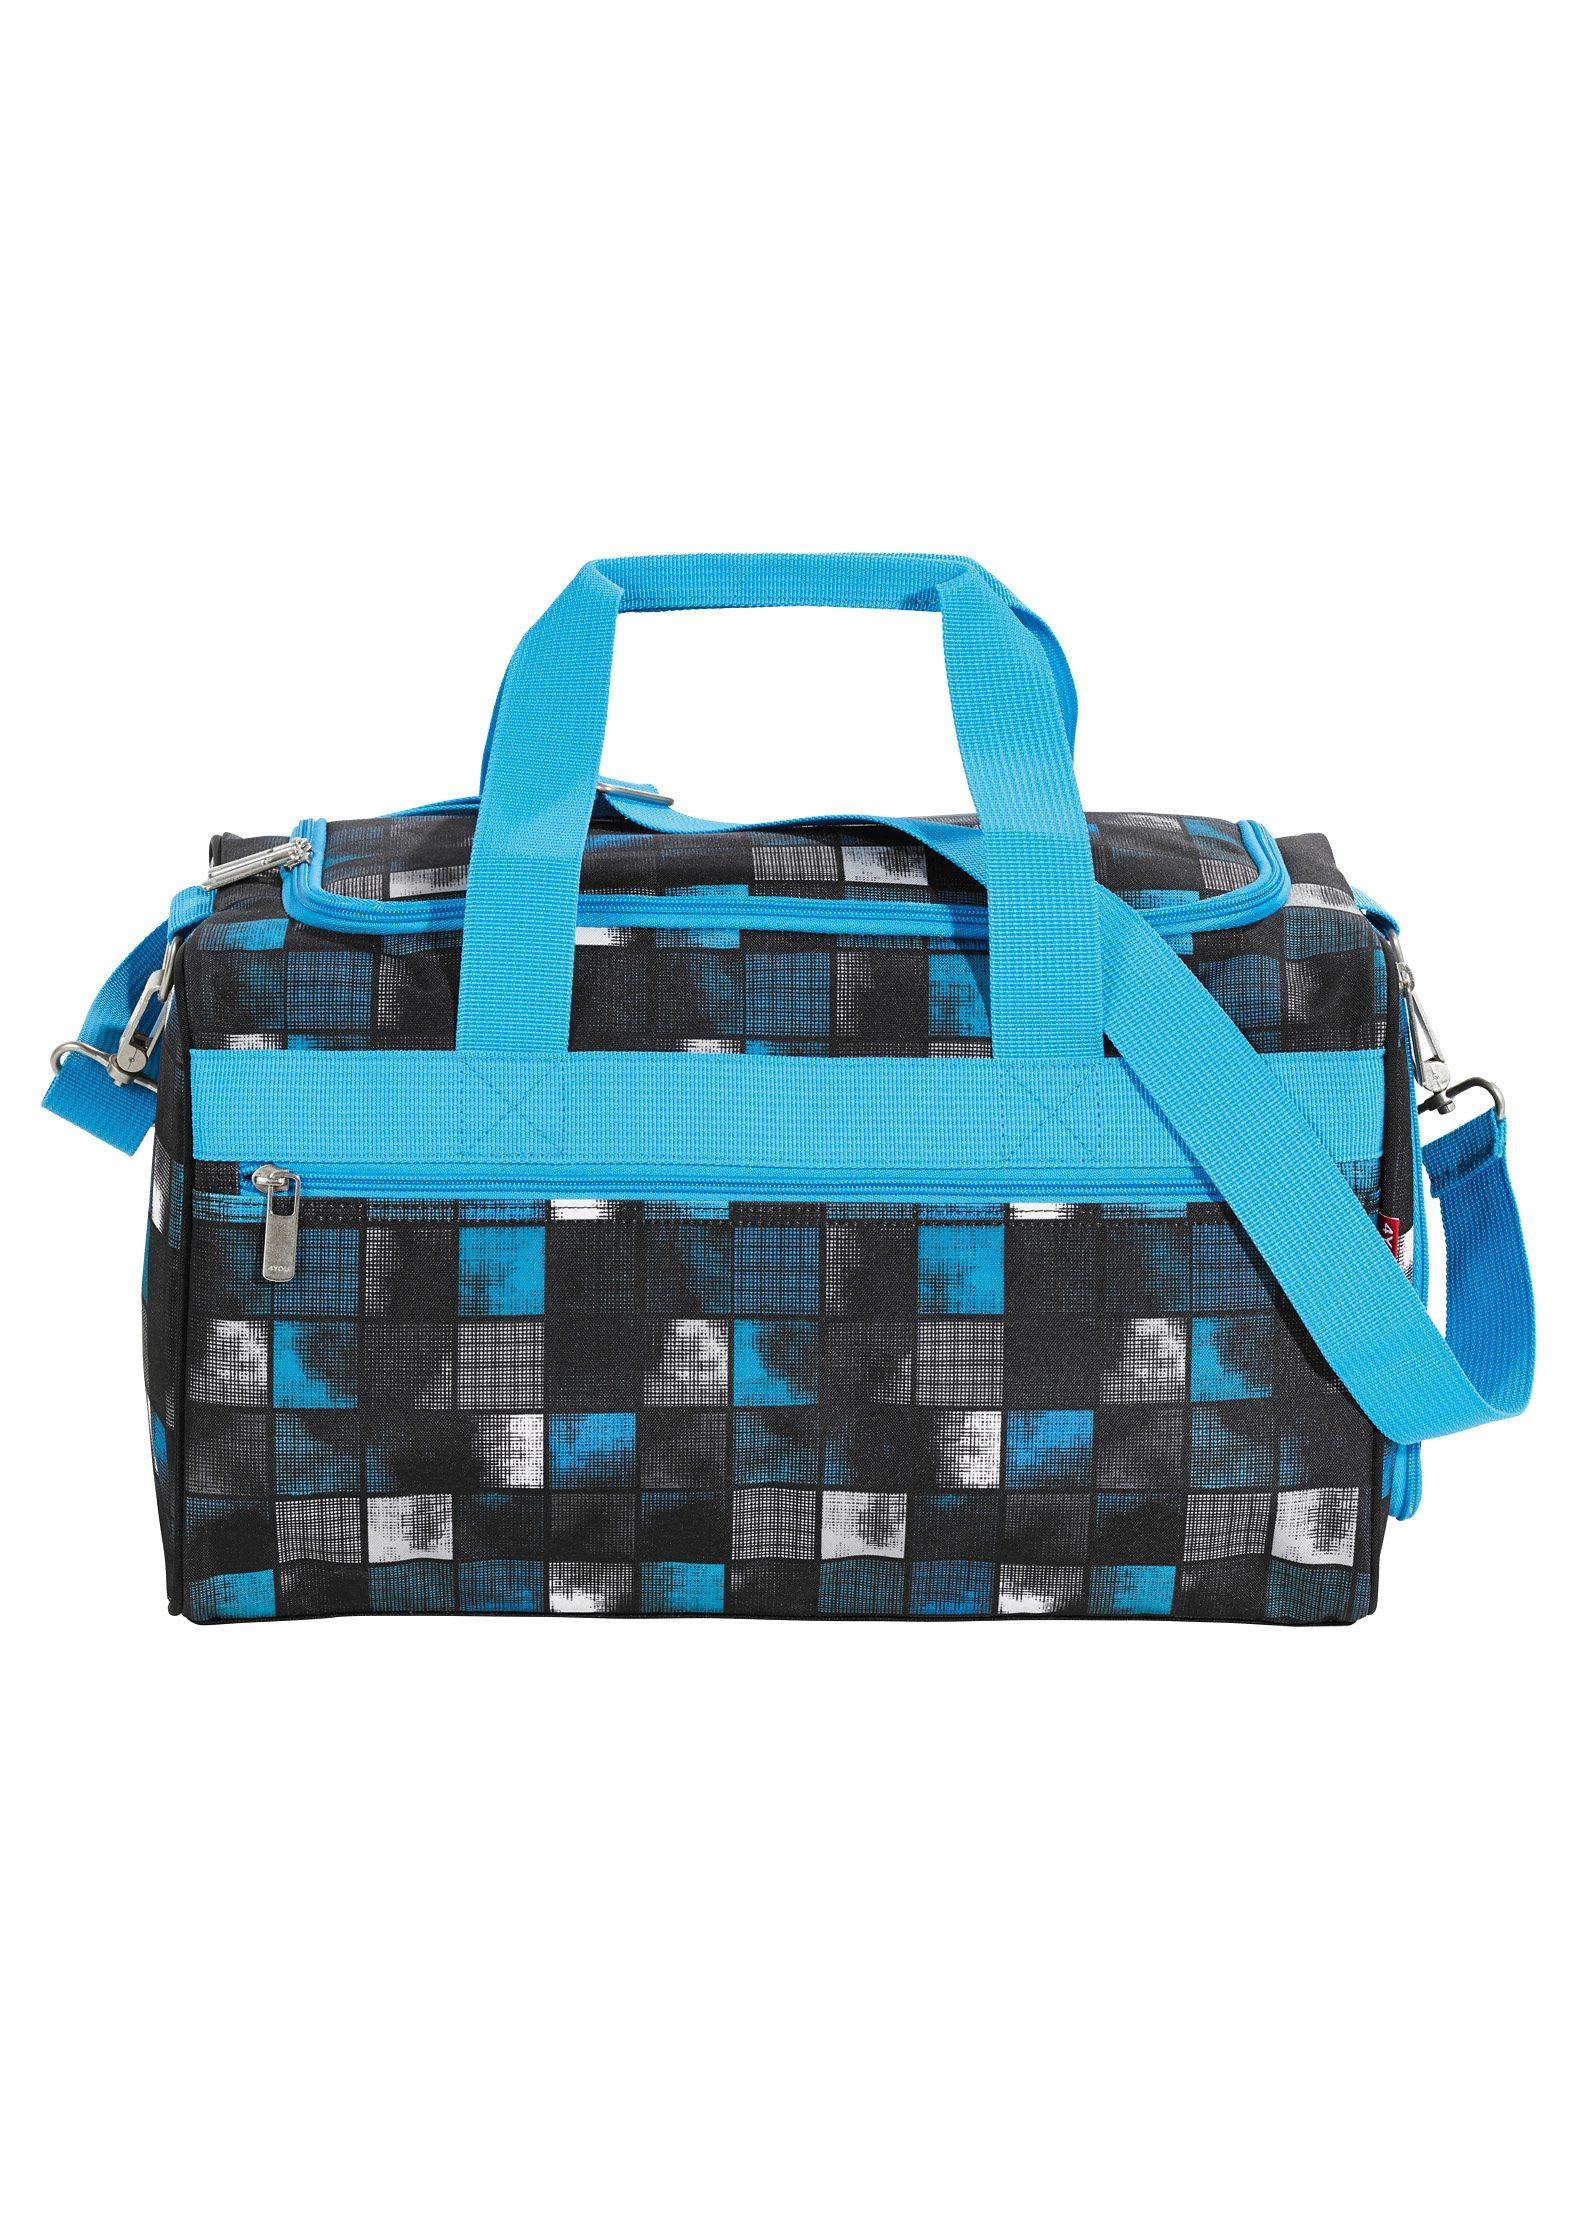 4YOU Sporttasche, Square Blue/Grey, »Sportbag M«